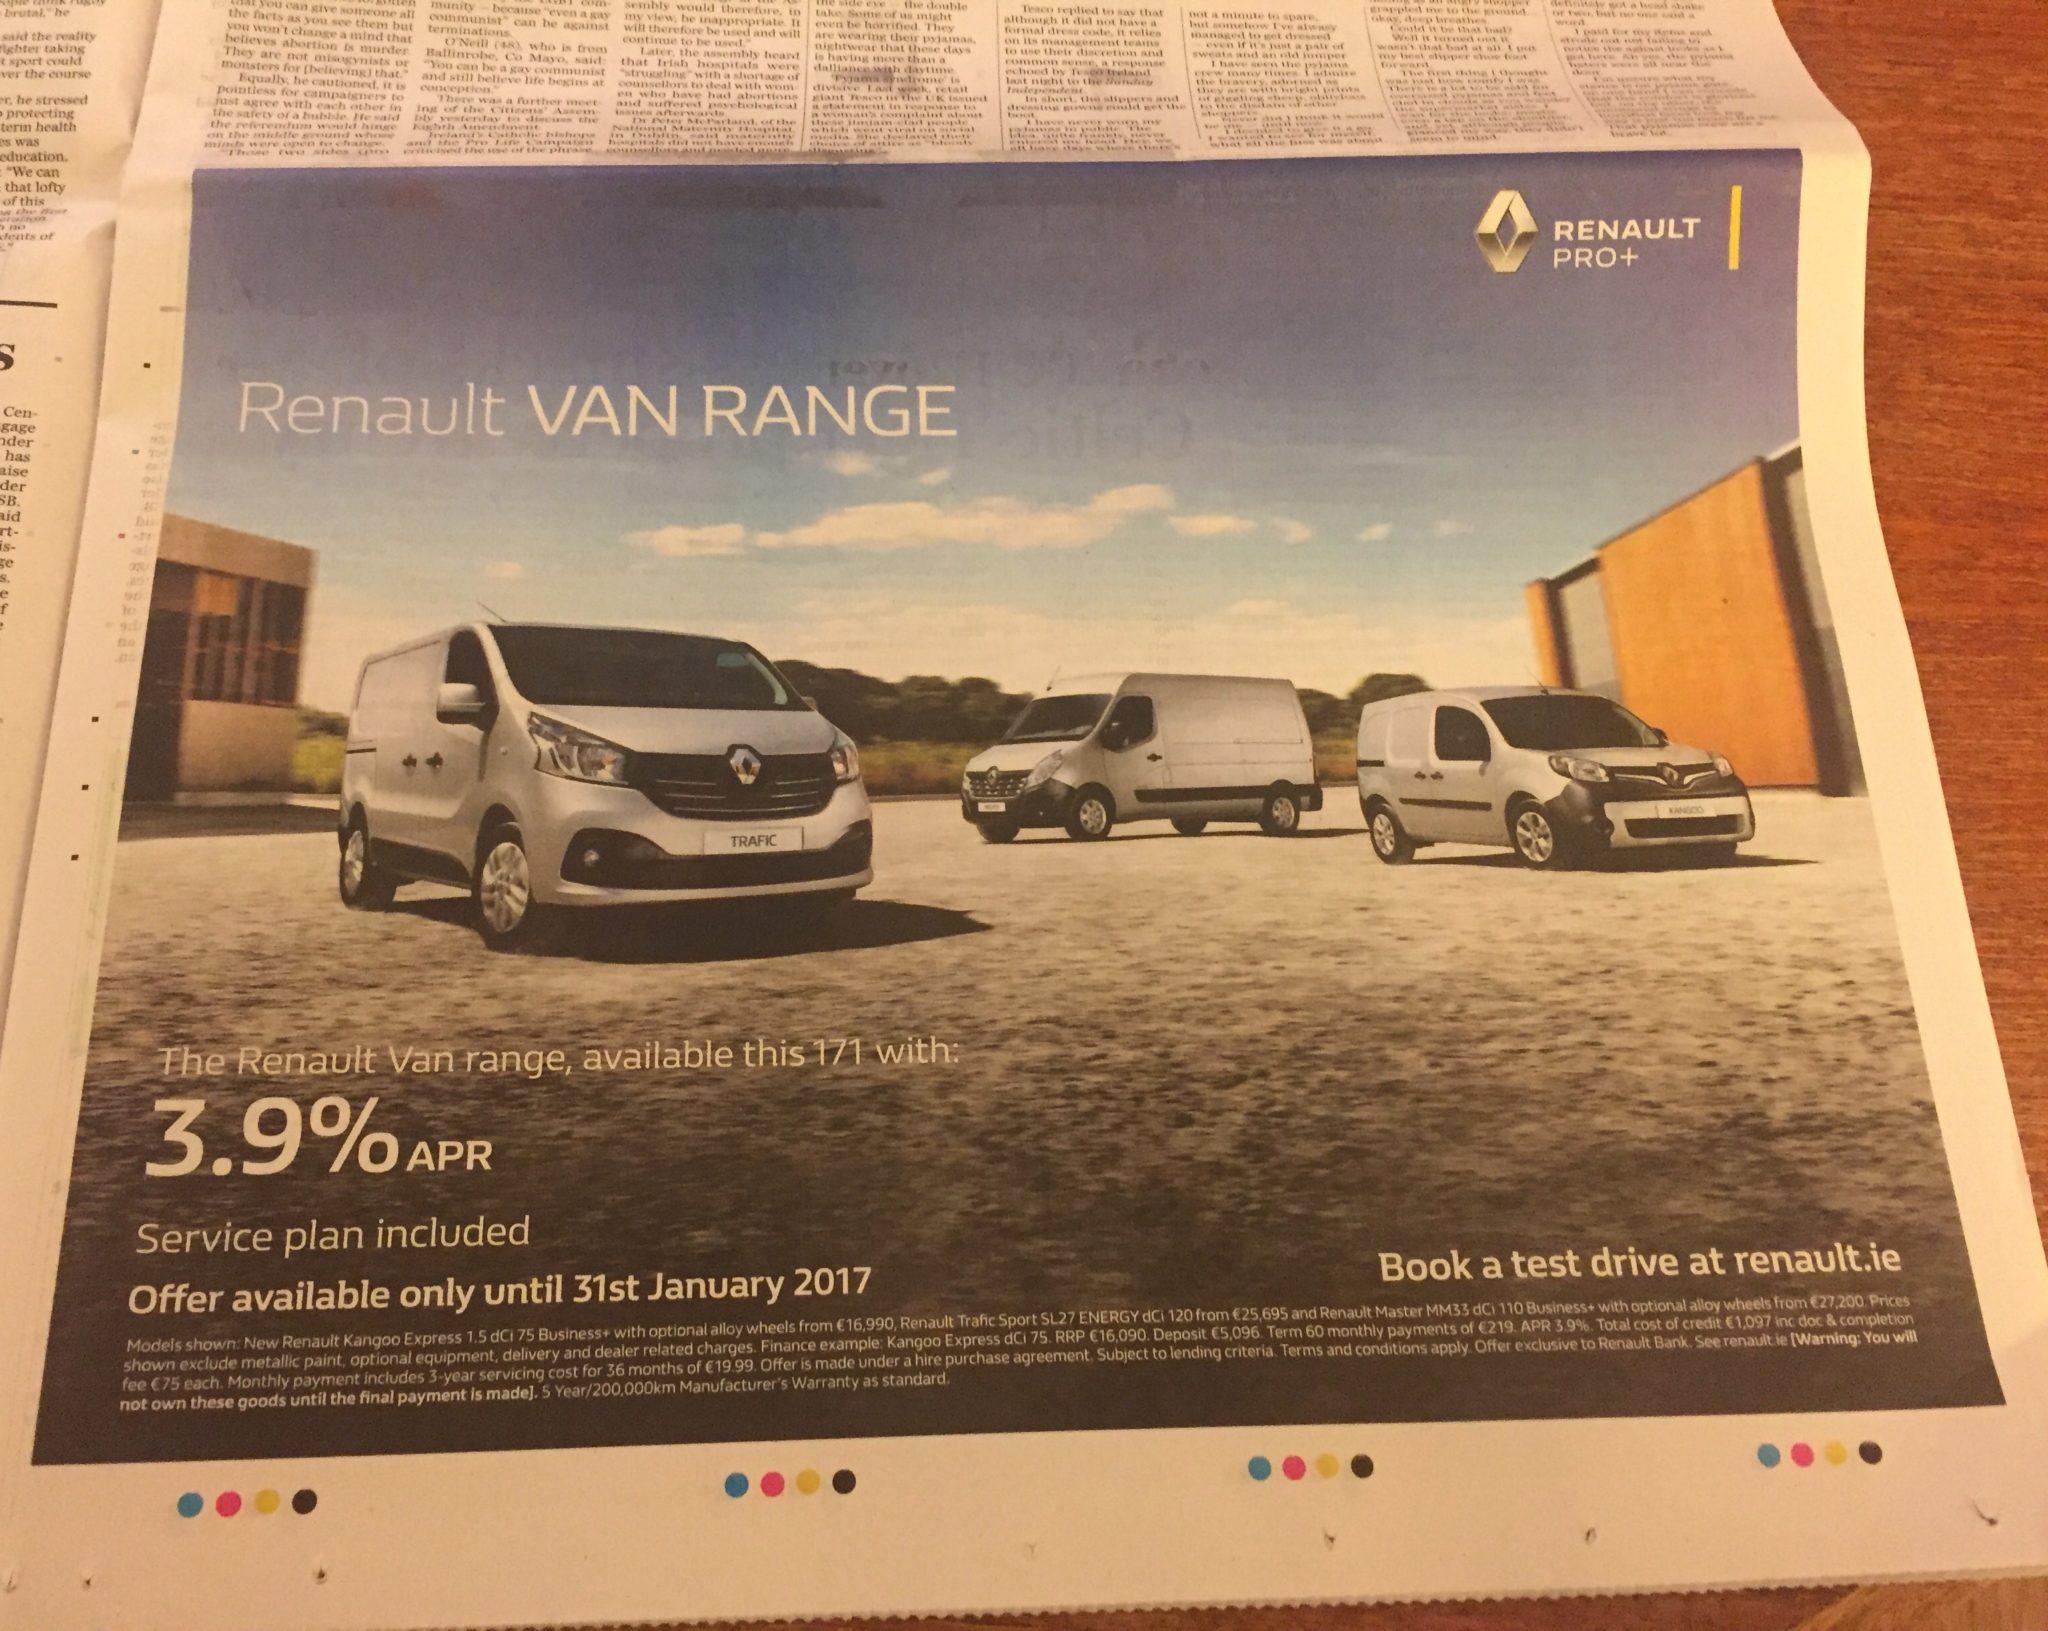 Renault Pro – Renault van range